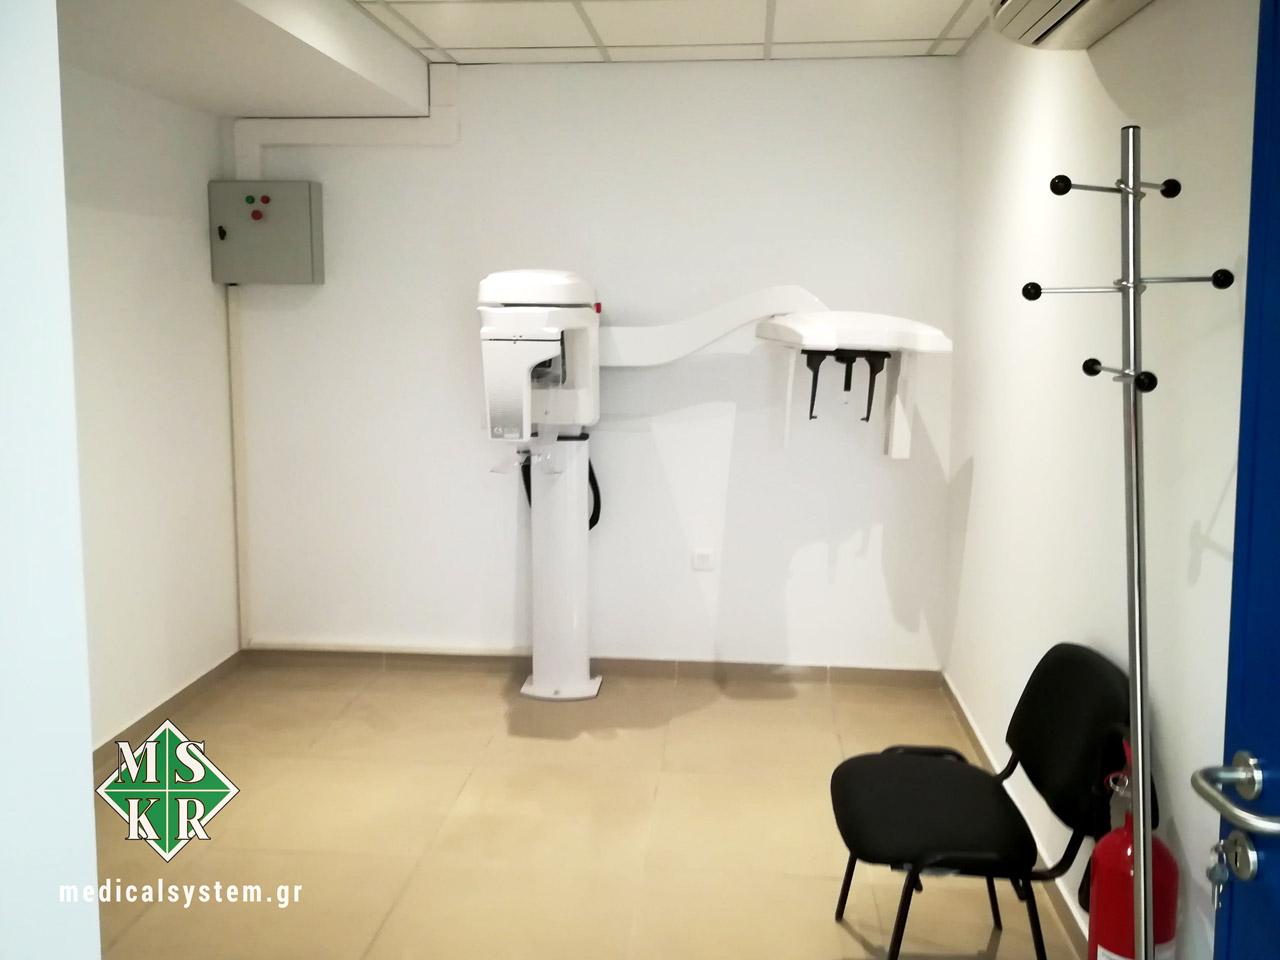 ακτινοδιαγνωστικά μηχανήματα bioiatriki markopoulo medical systems aktinologika panoramika